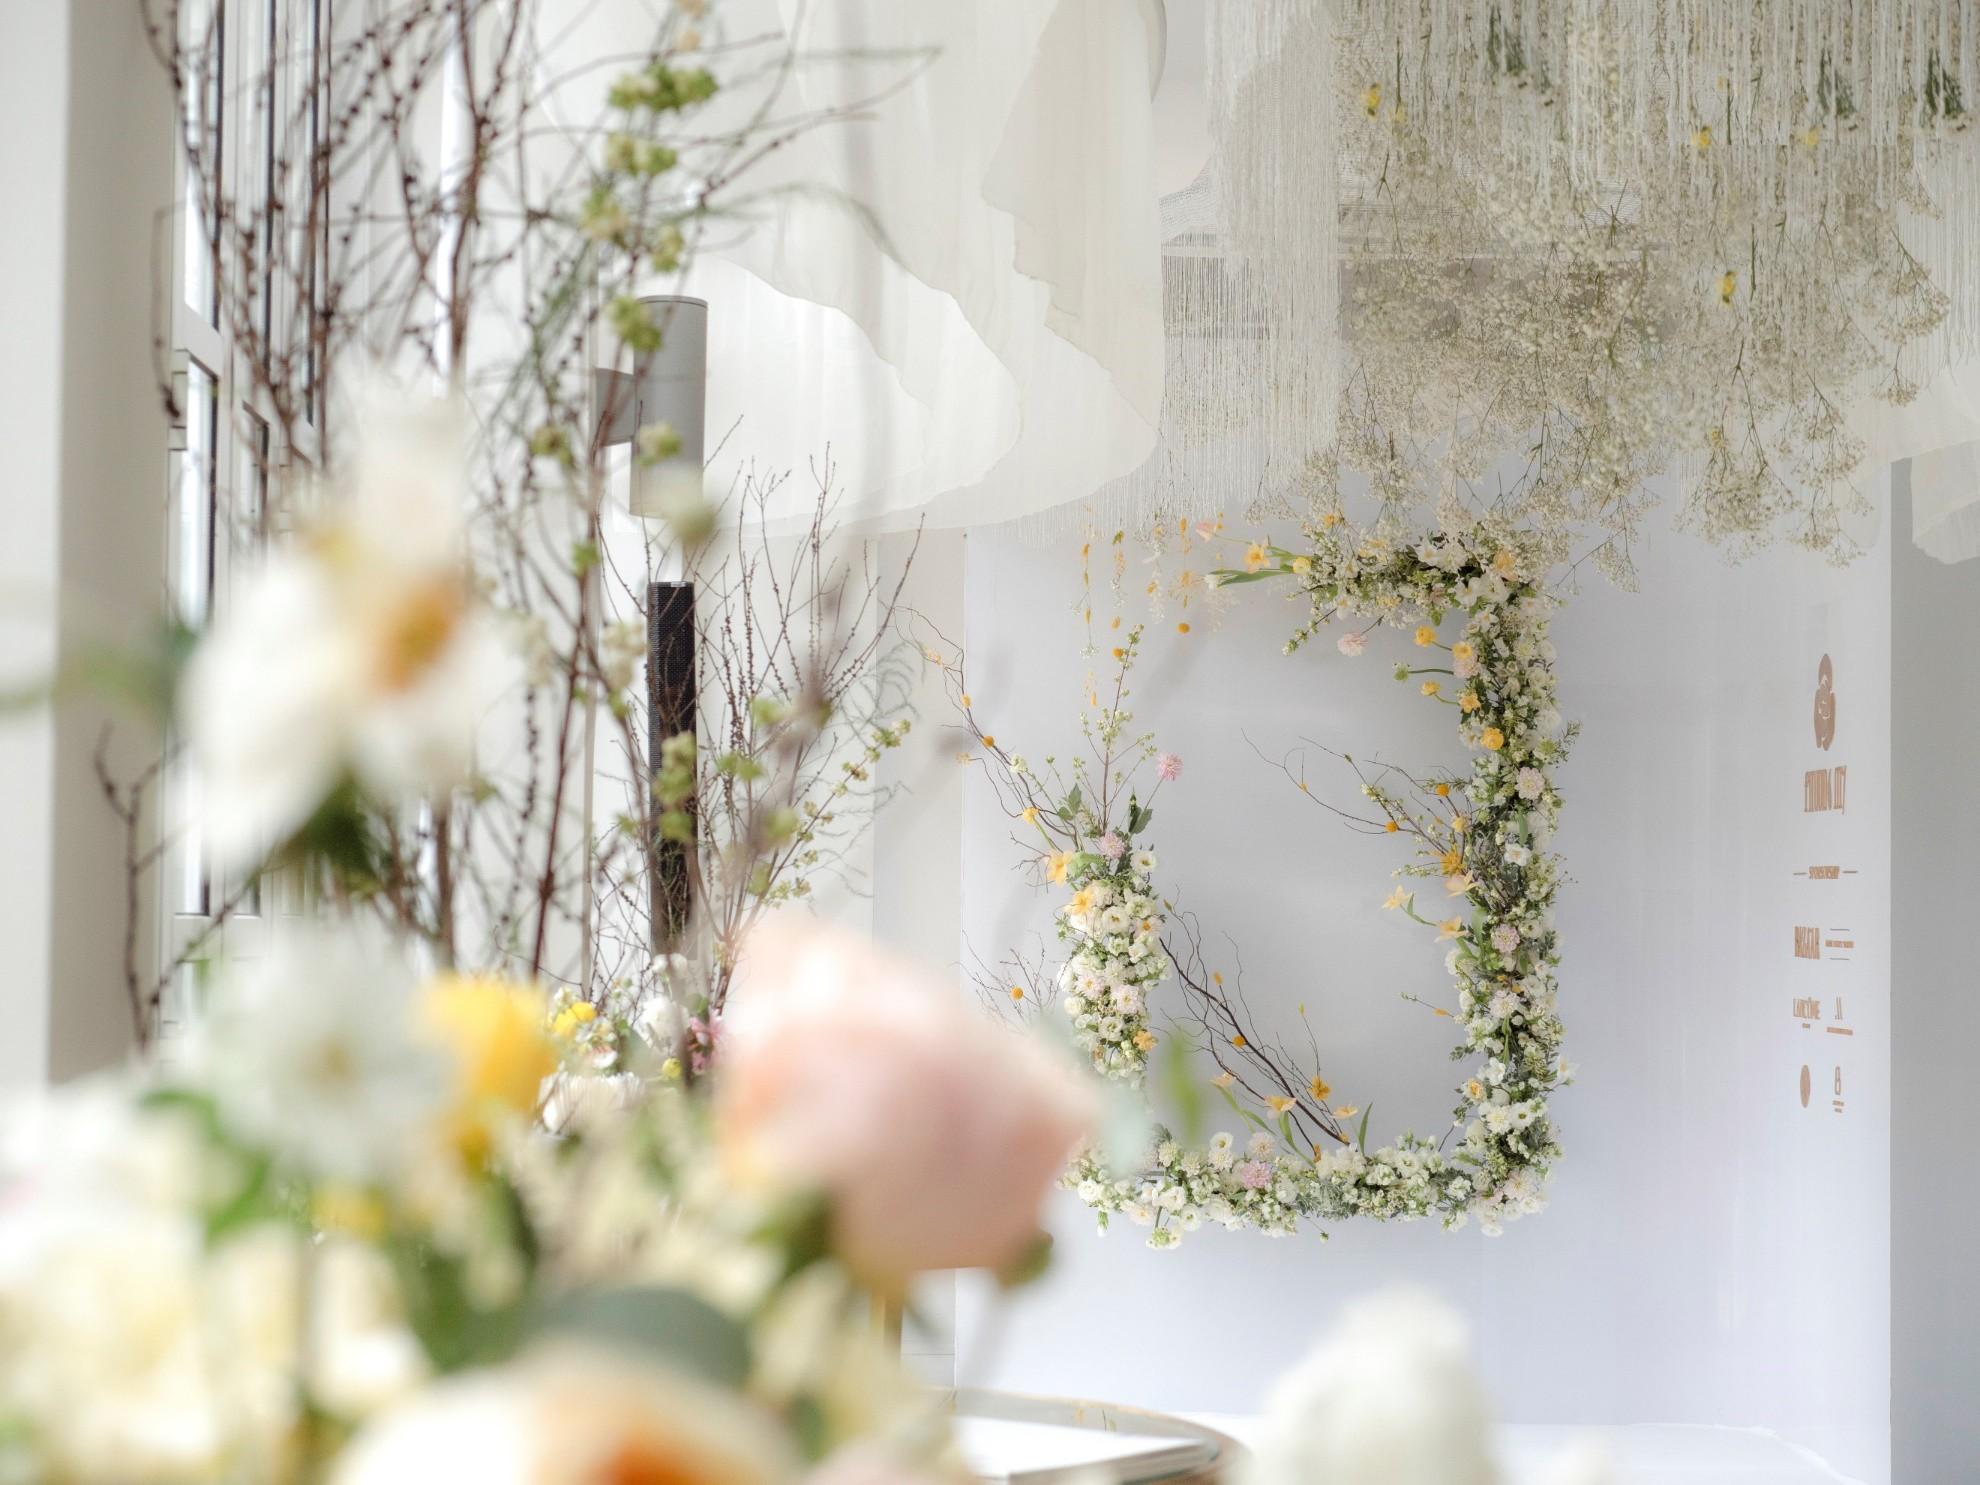 Hé lộ không gian thần tiên mộng ảo, chứa đựng các thiết kế cưới đẳng cấp của Phương My - Ảnh 2.